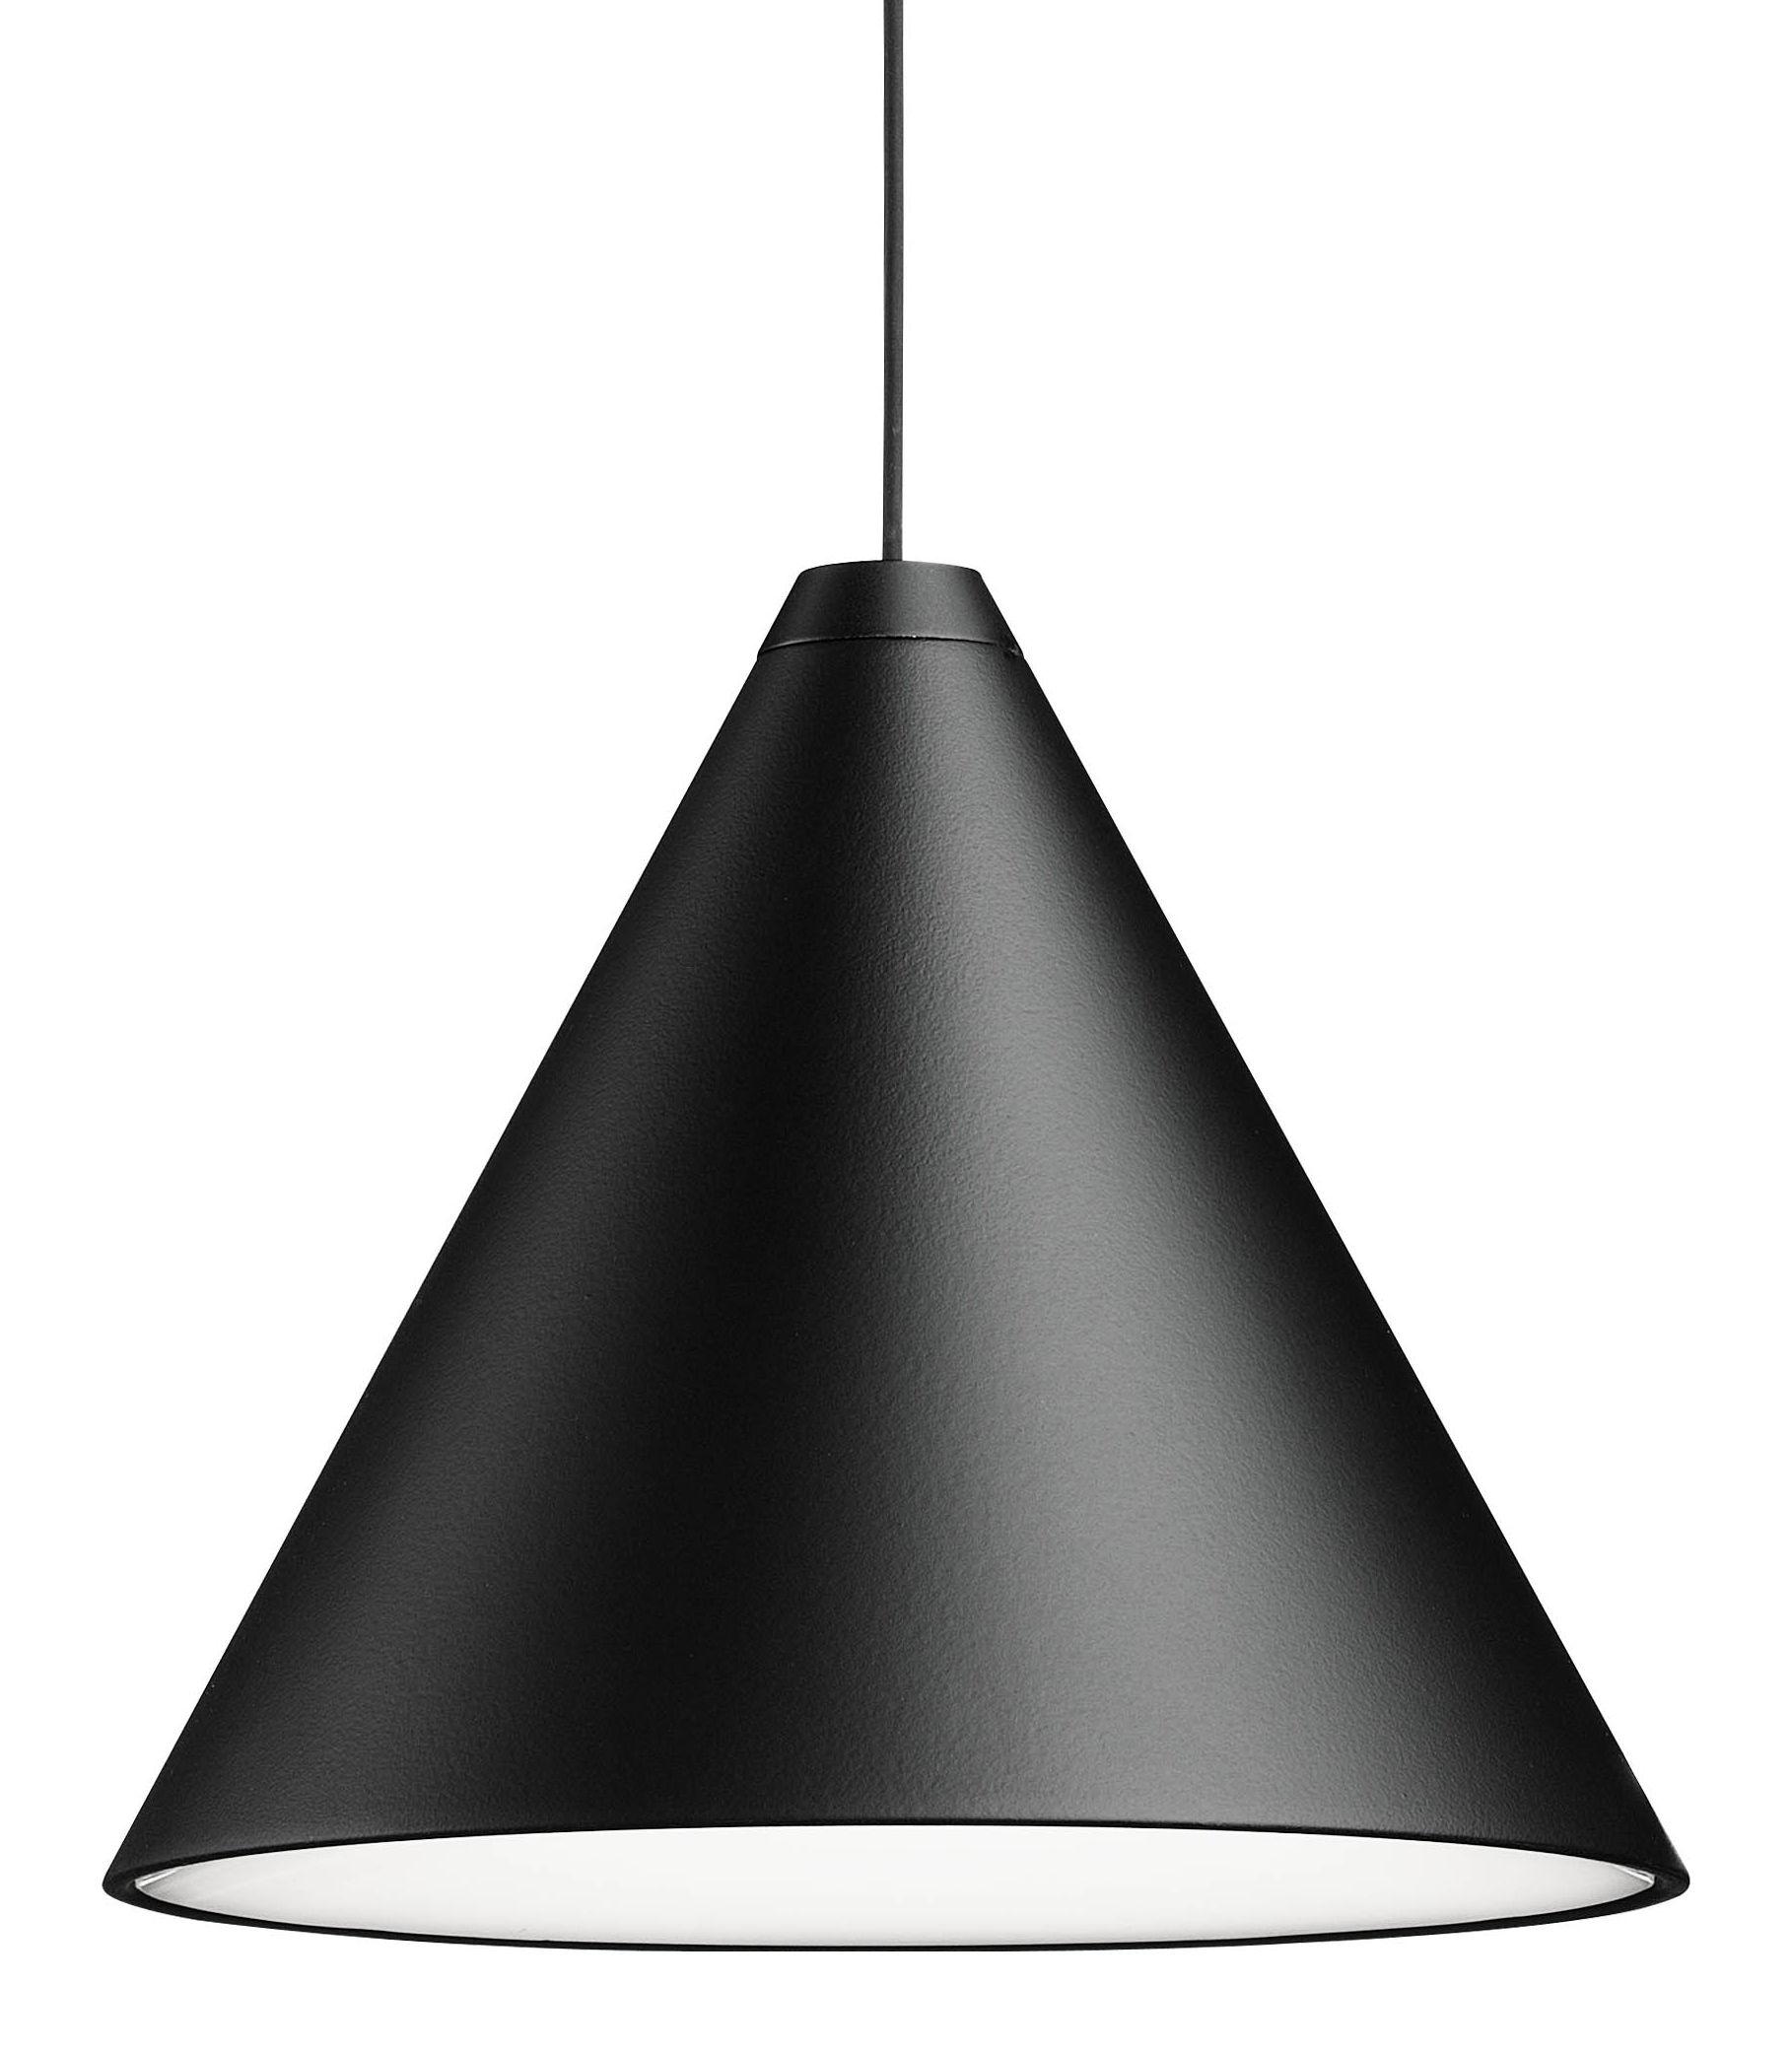 Leuchten - Pendelleuchten - String Light Cone Pendelleuchte LED / 12 m langes Kabel als Deko-Element - Flos - Hängelampe in Kegelform / Schwarz - bemaltes Aluminium, Gewebe, Polykarbonat